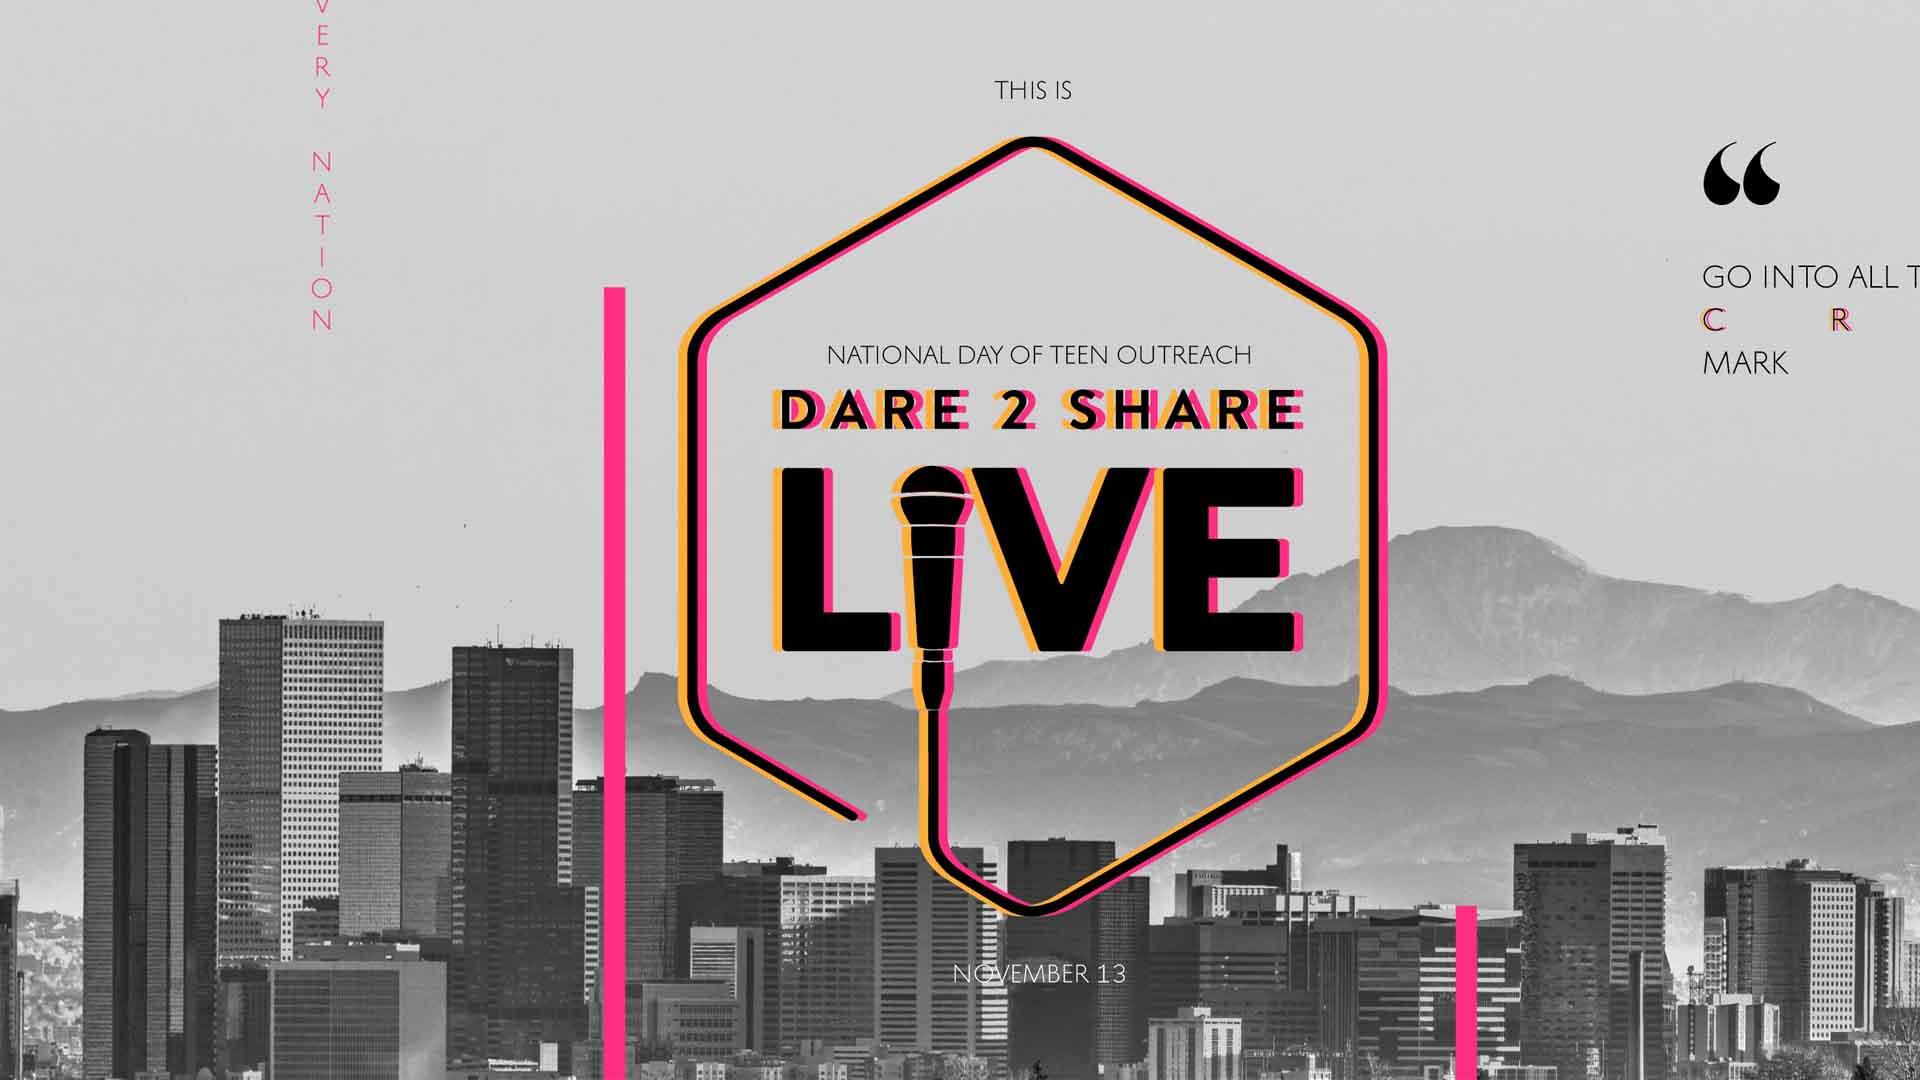 Dare 2 Share Live!